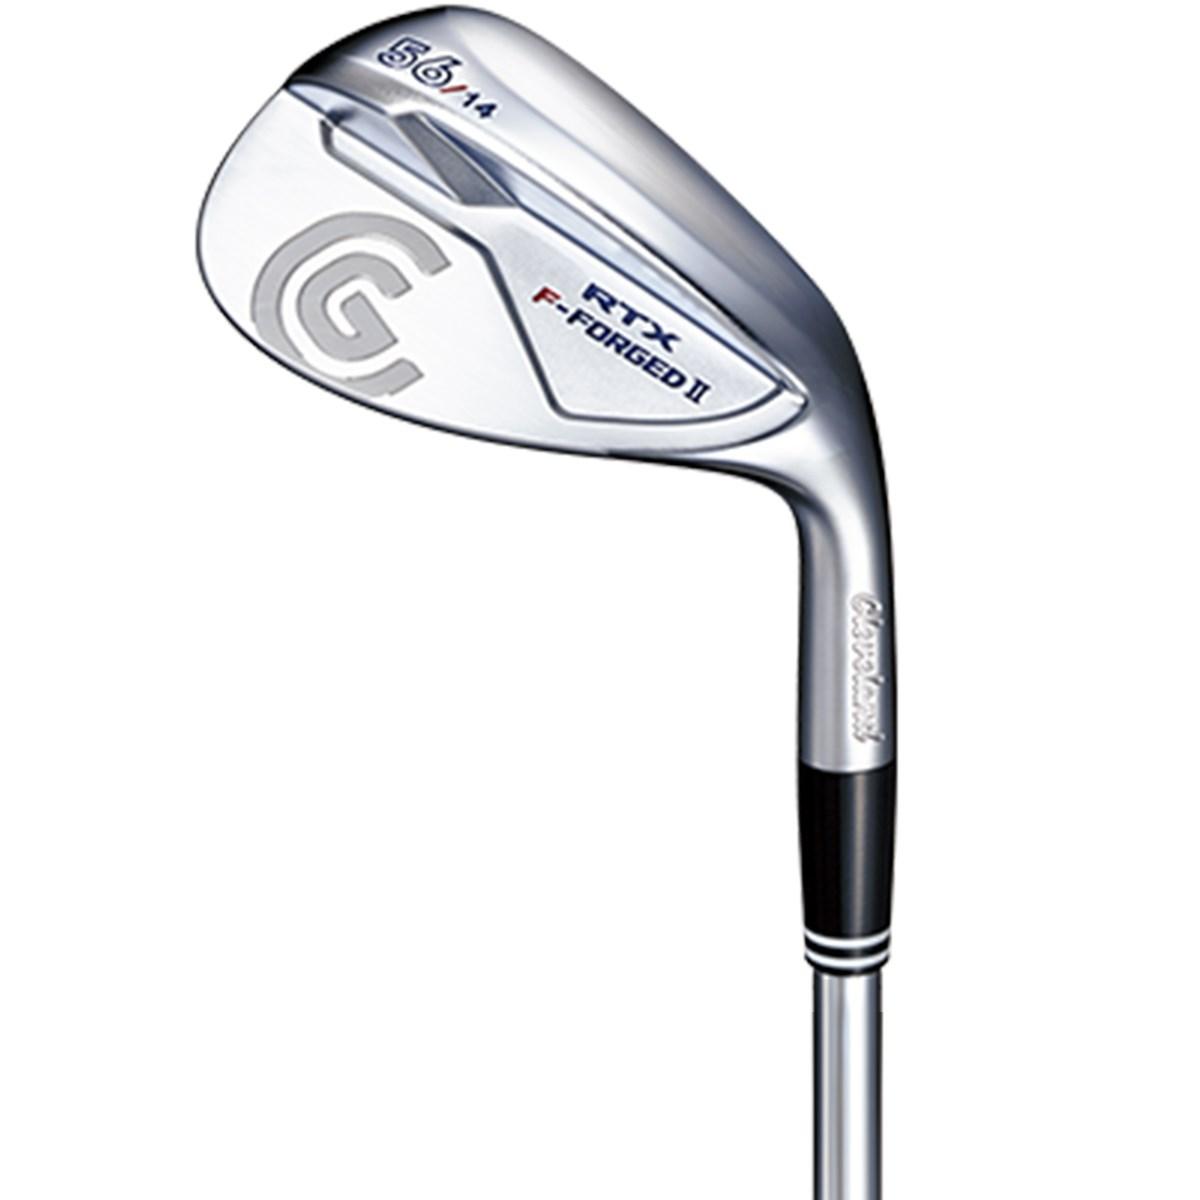 クリーブランド(Cleveland Golf) RTX F-FORGED II ウェッジ N.S.PRO 950GHスチール